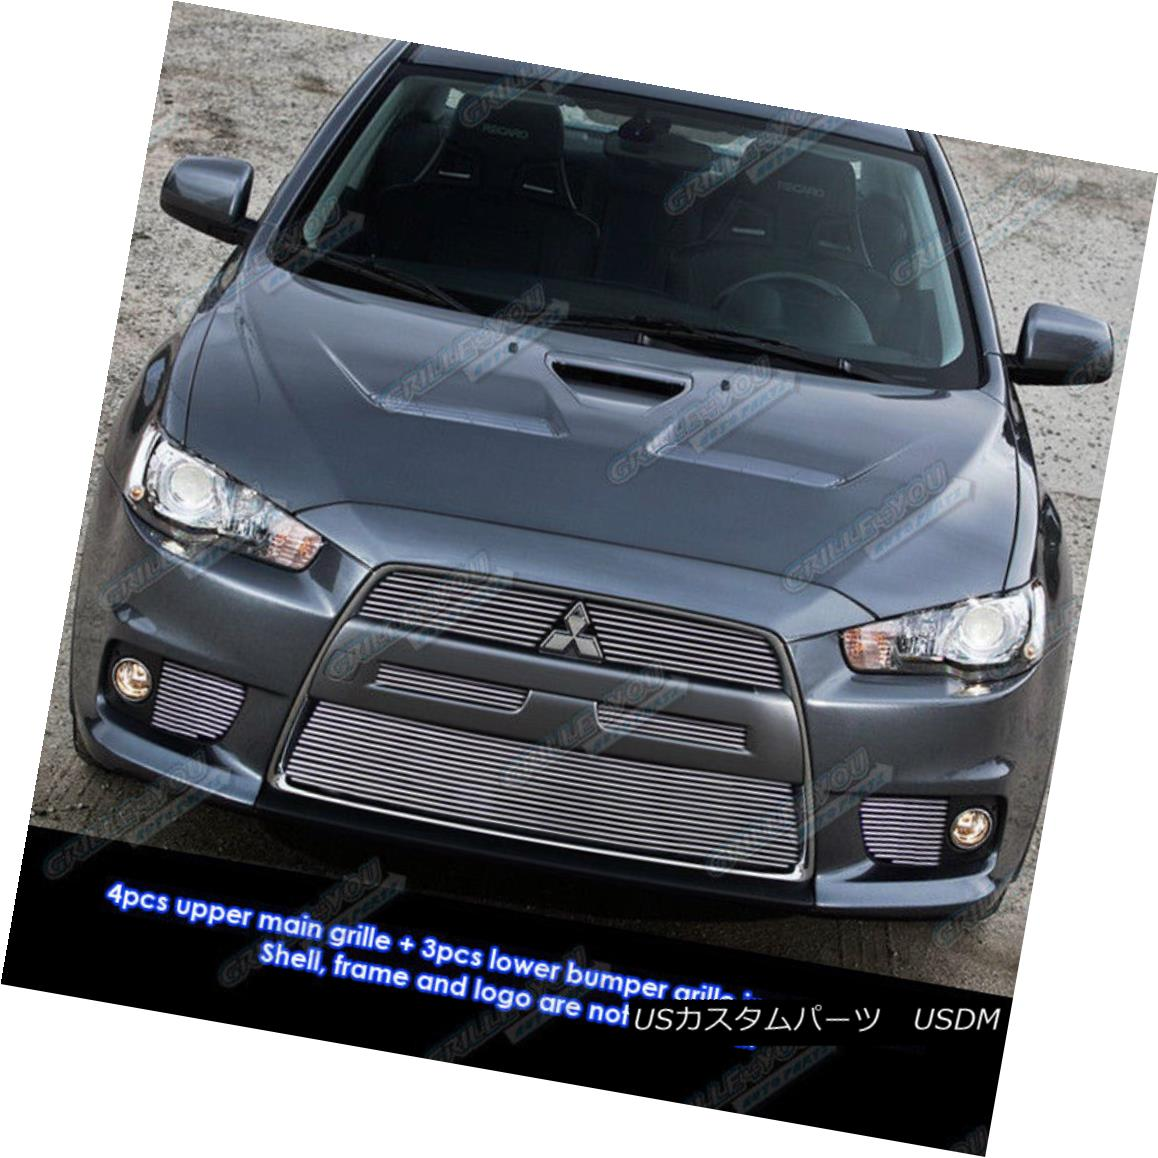 グリル Fits 2008-2014 Mitsubishi Lancer Evolution Billet Grille Grill Insert Combo フィット2008-2014三菱ランサーエボリューションビレットグリルグリルインサートコンボ